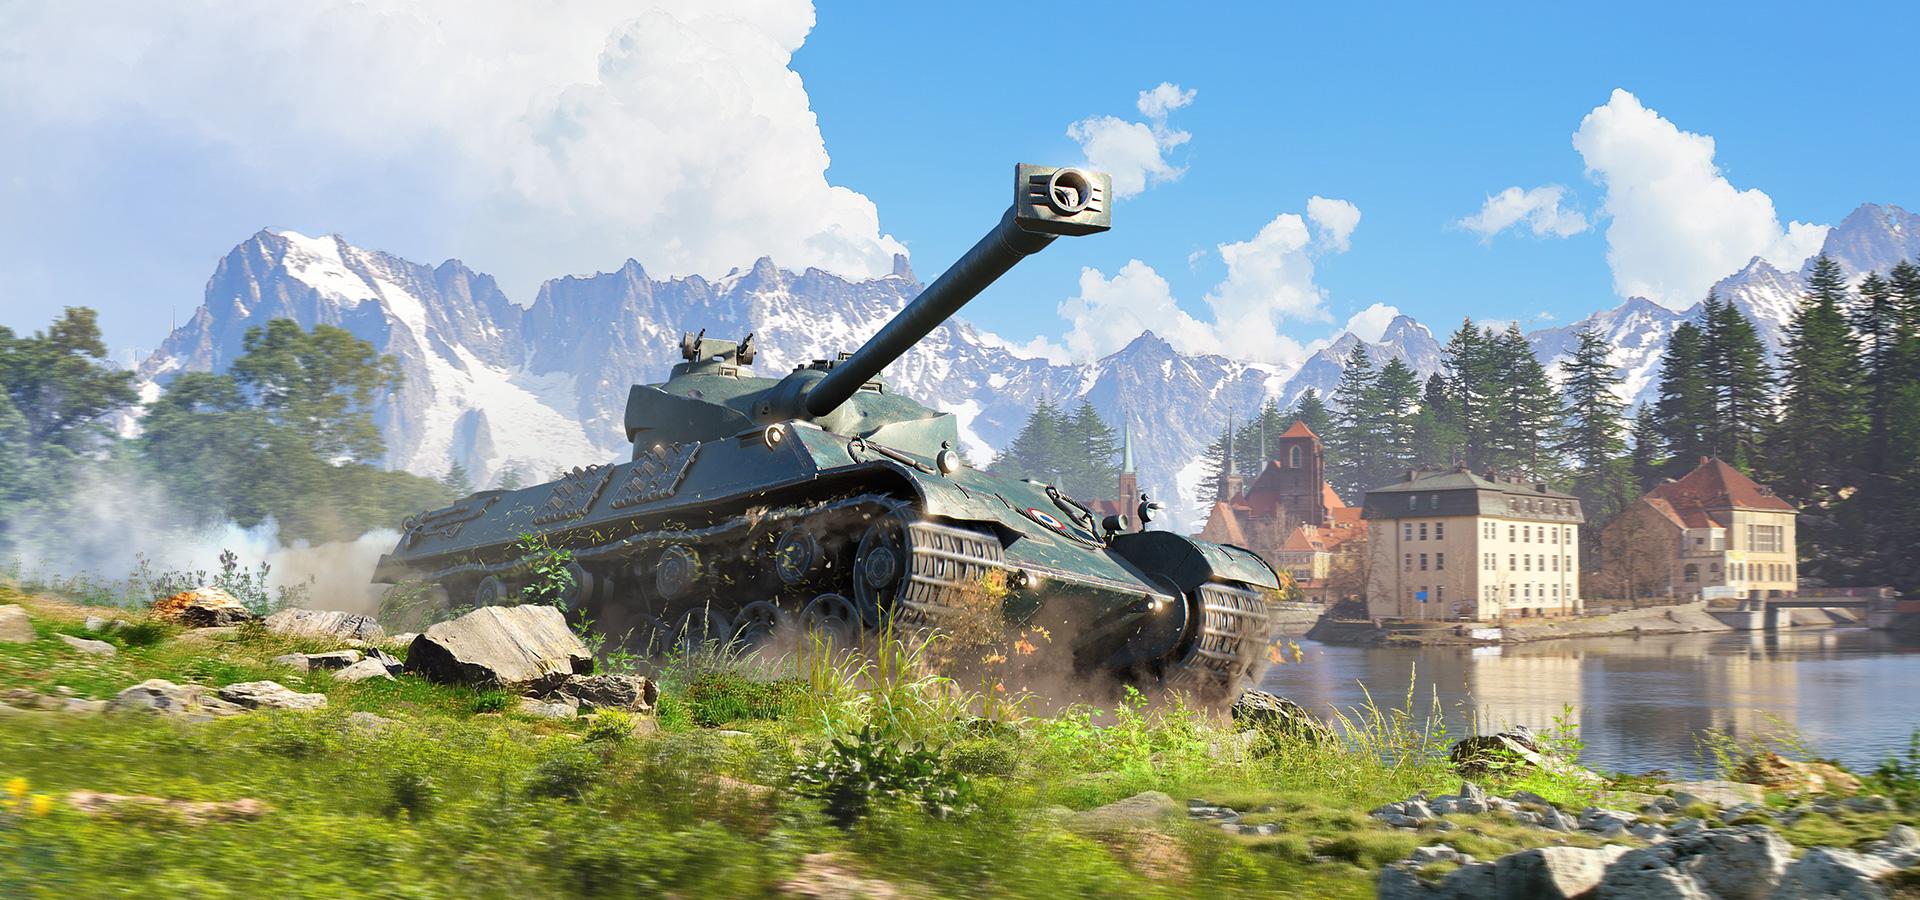 Svět tanků elc amx matchmaking